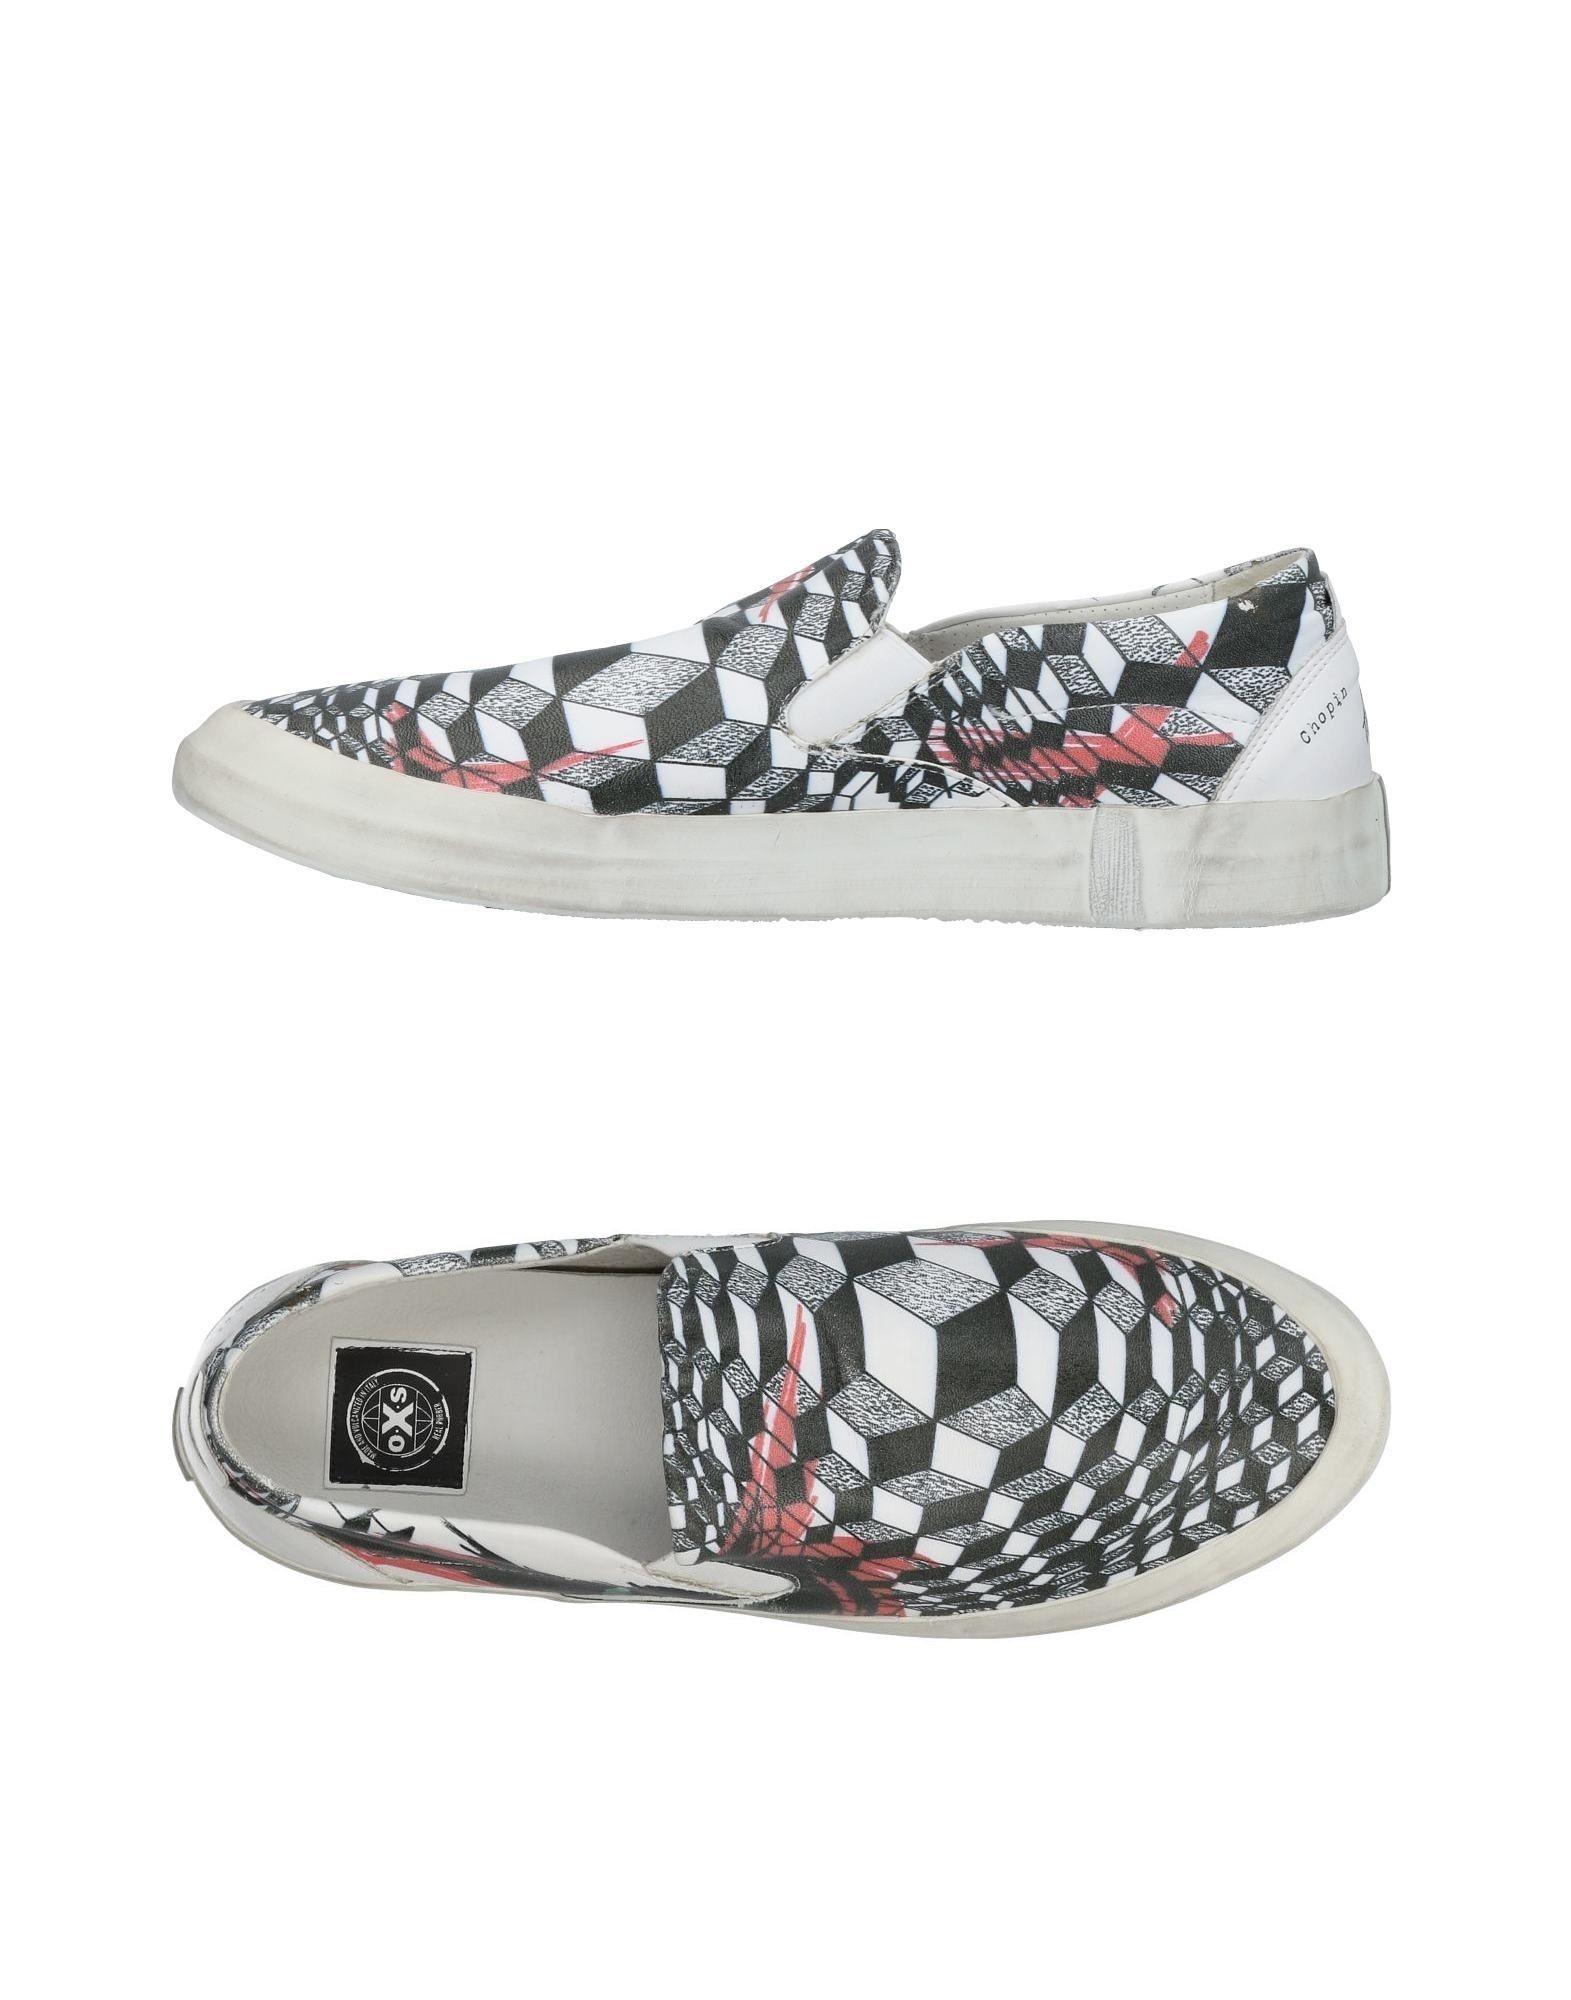 Sneakers O.X.S. Uomo - 11443983RQ Scarpe economiche e buone